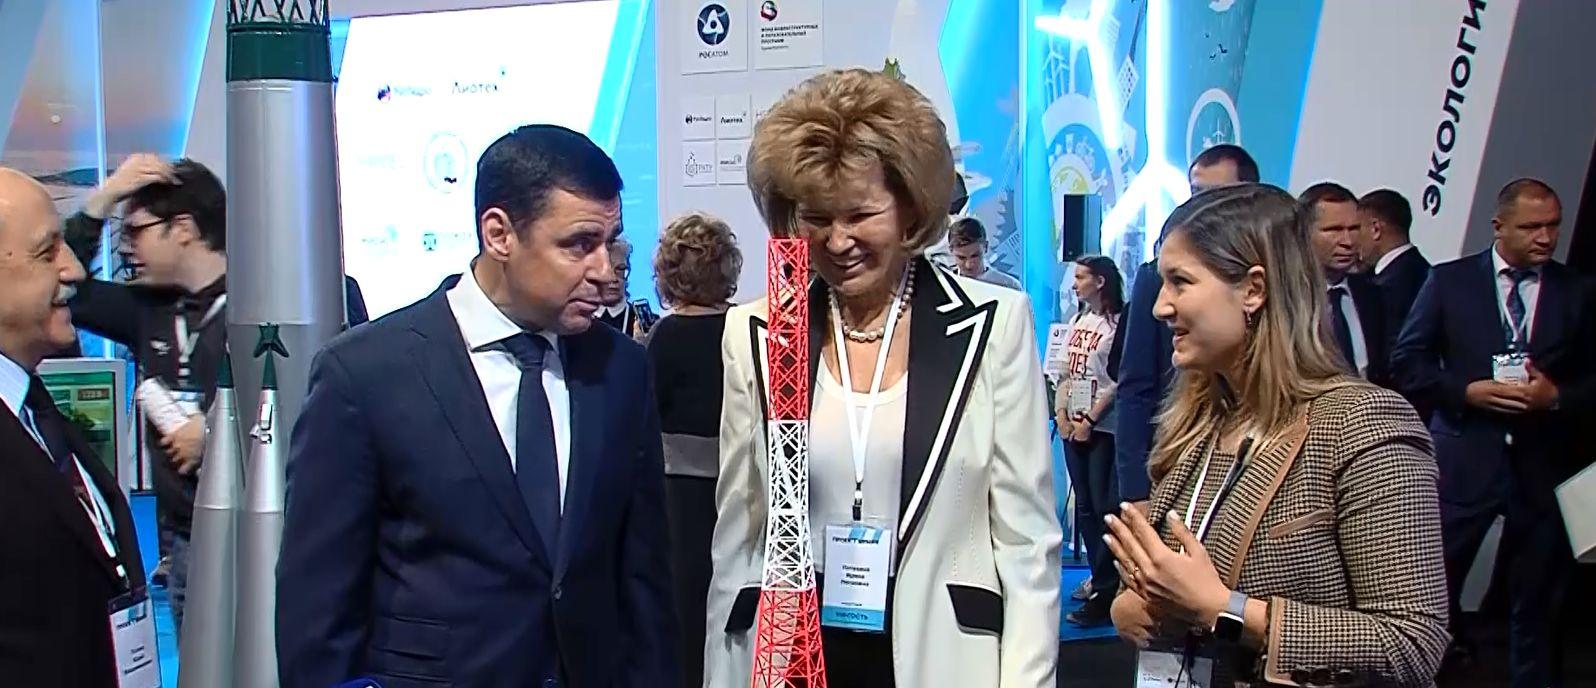 Всероссийский профориентационный форум «ПроекториЯ» стартовал в Ярославле